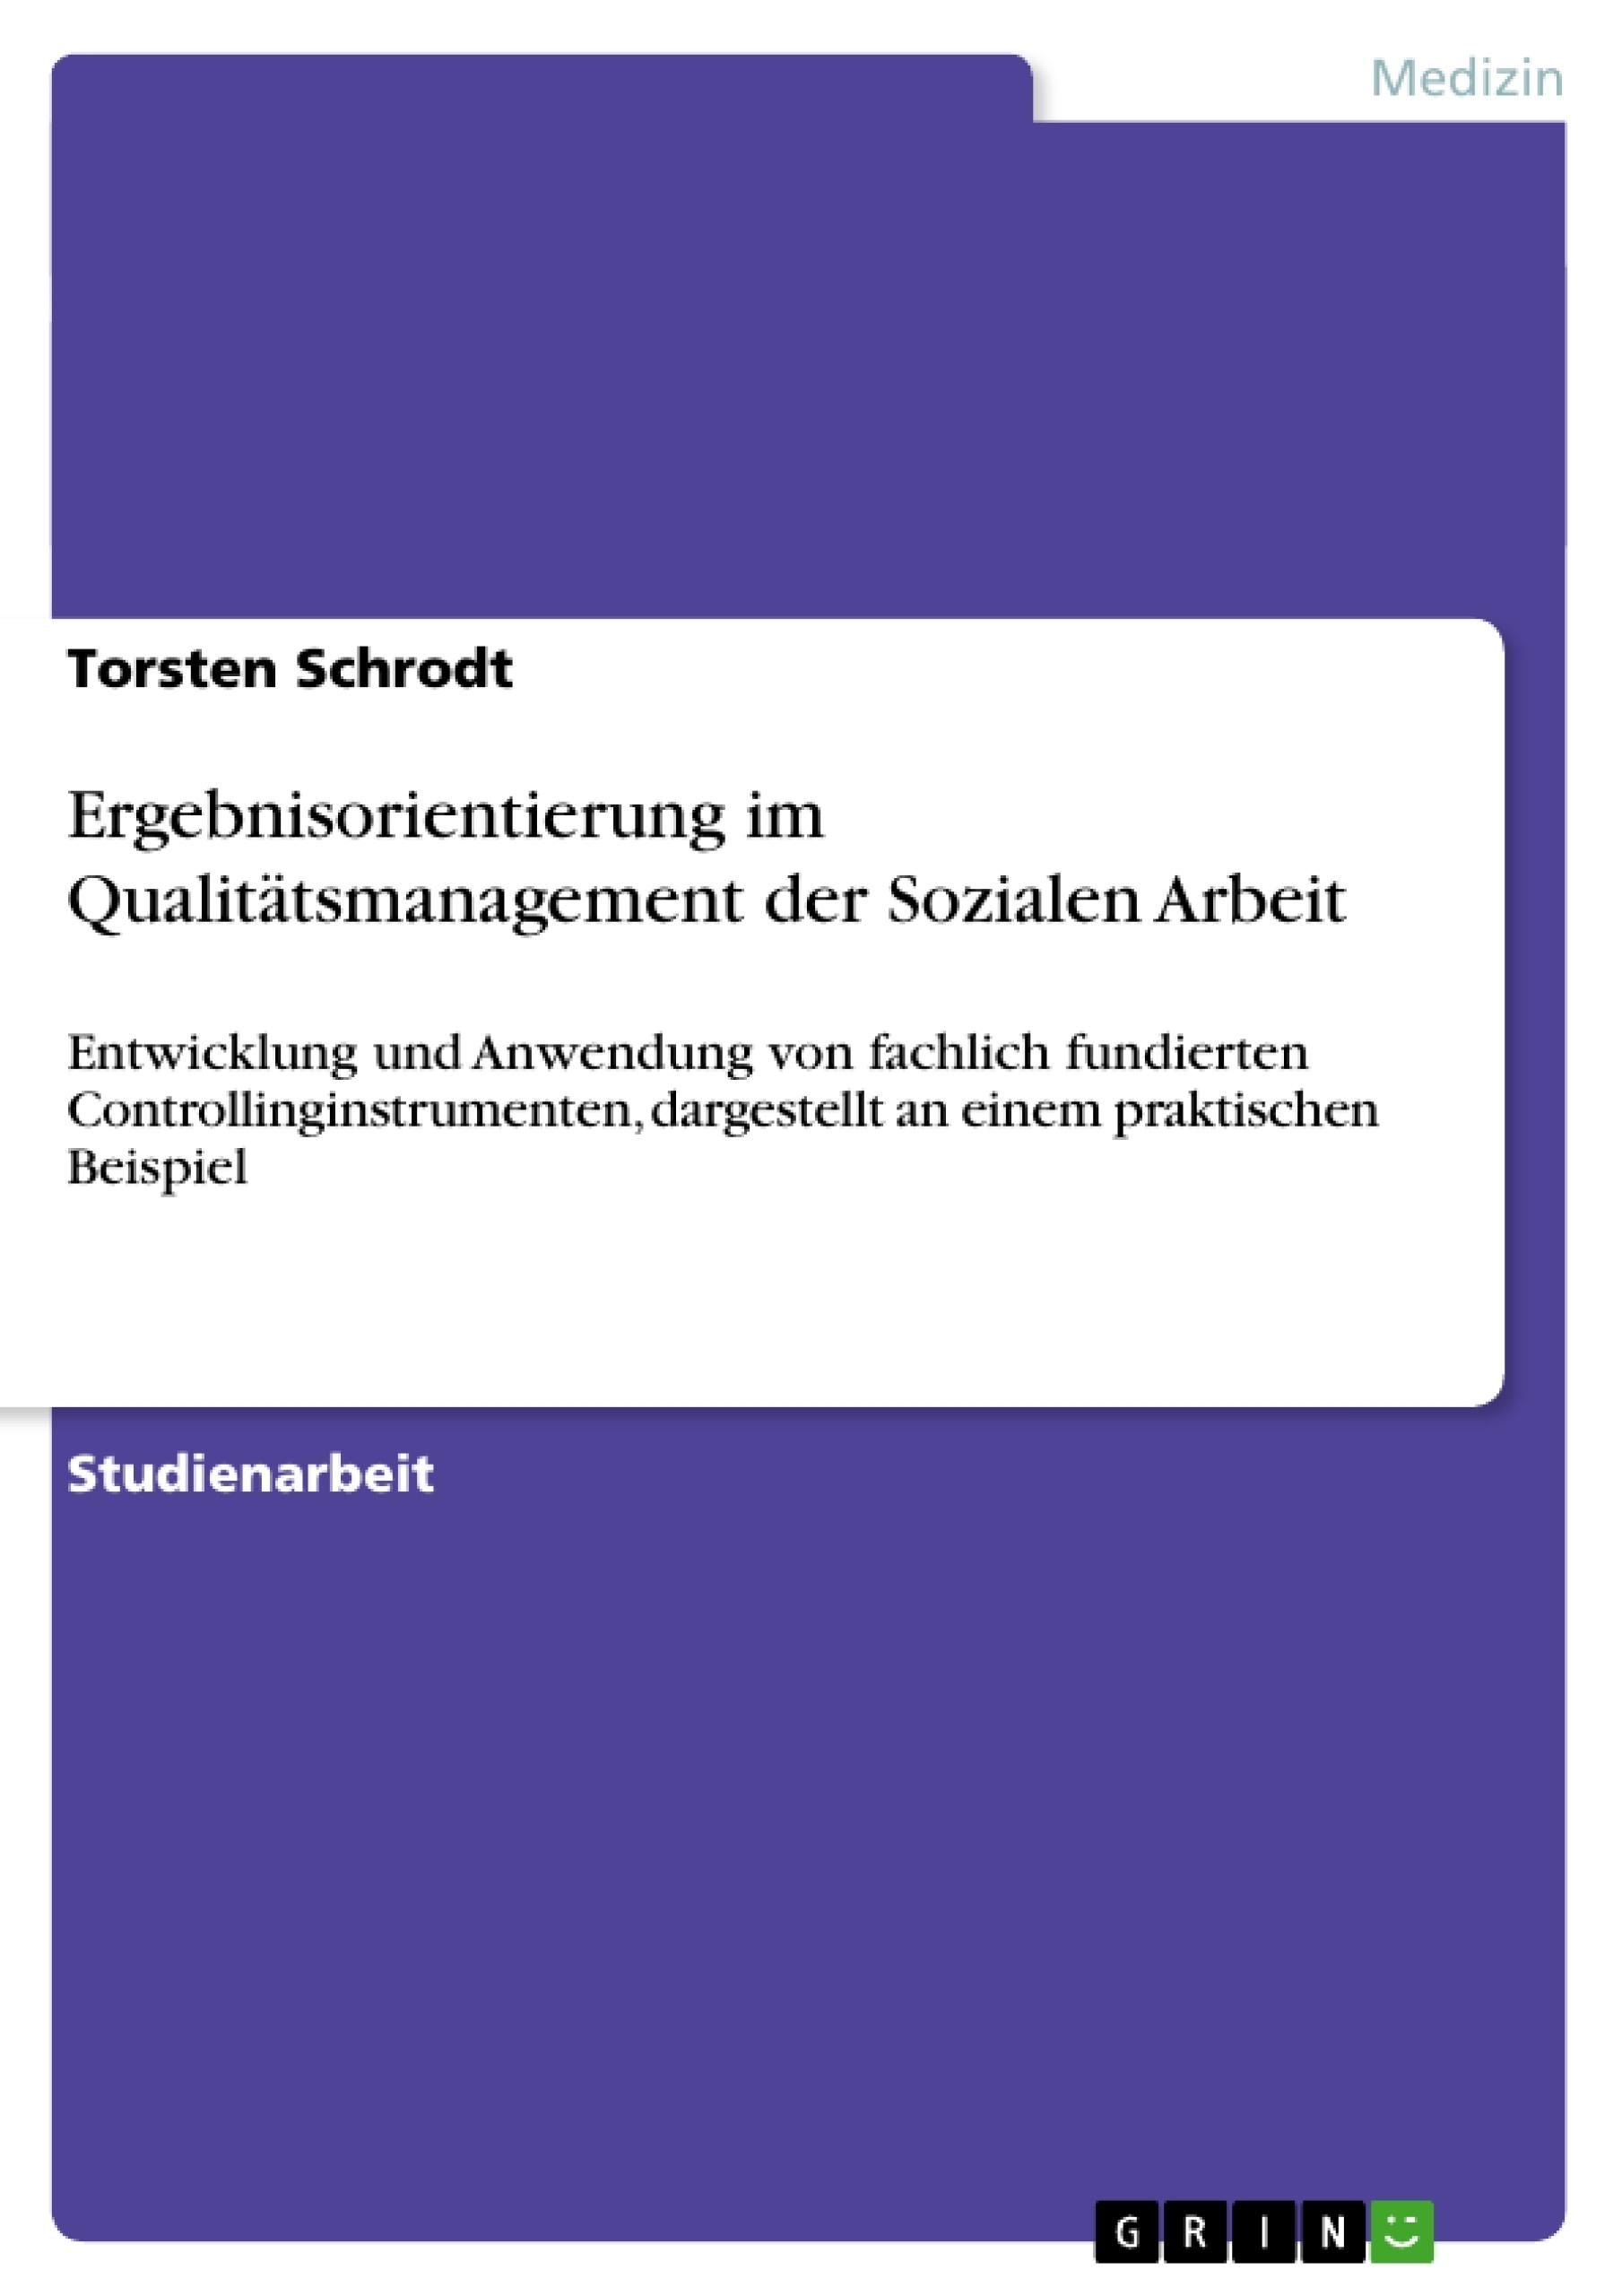 Titel: Ergebnisorientierung im Qualitätsmanagement der Sozialen Arbeit